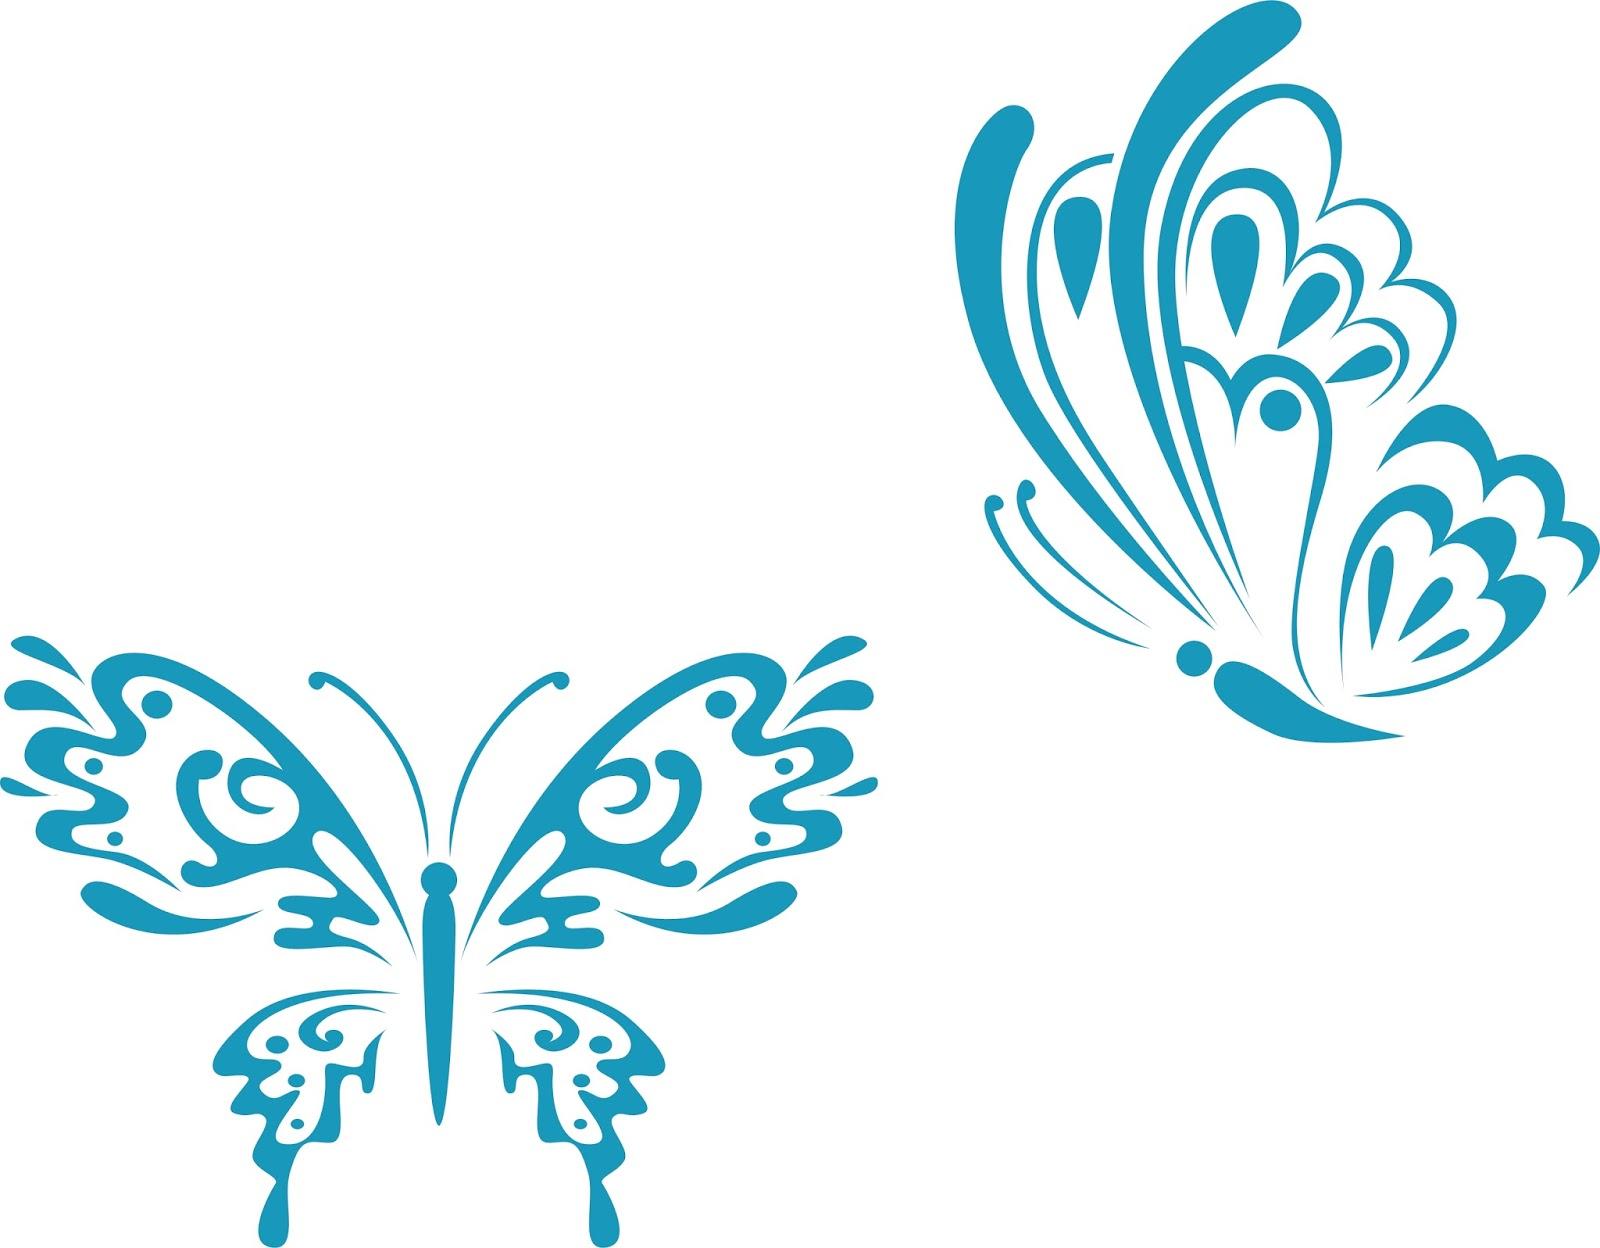 Free Vector Ornament Butterfly | Guru Corel